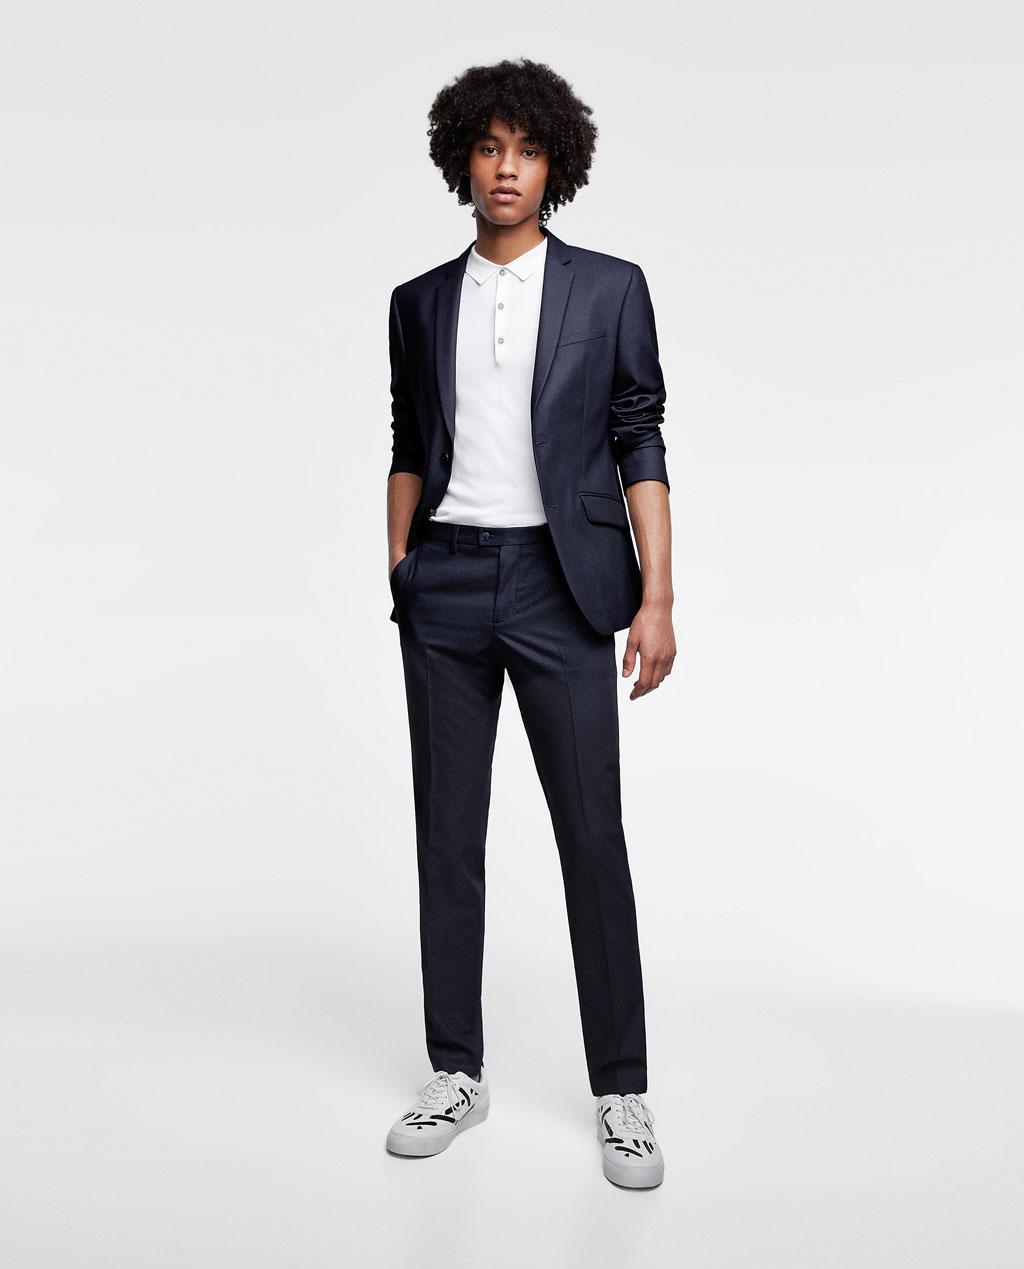 Thời trang nam Zara  24082 - ảnh 11